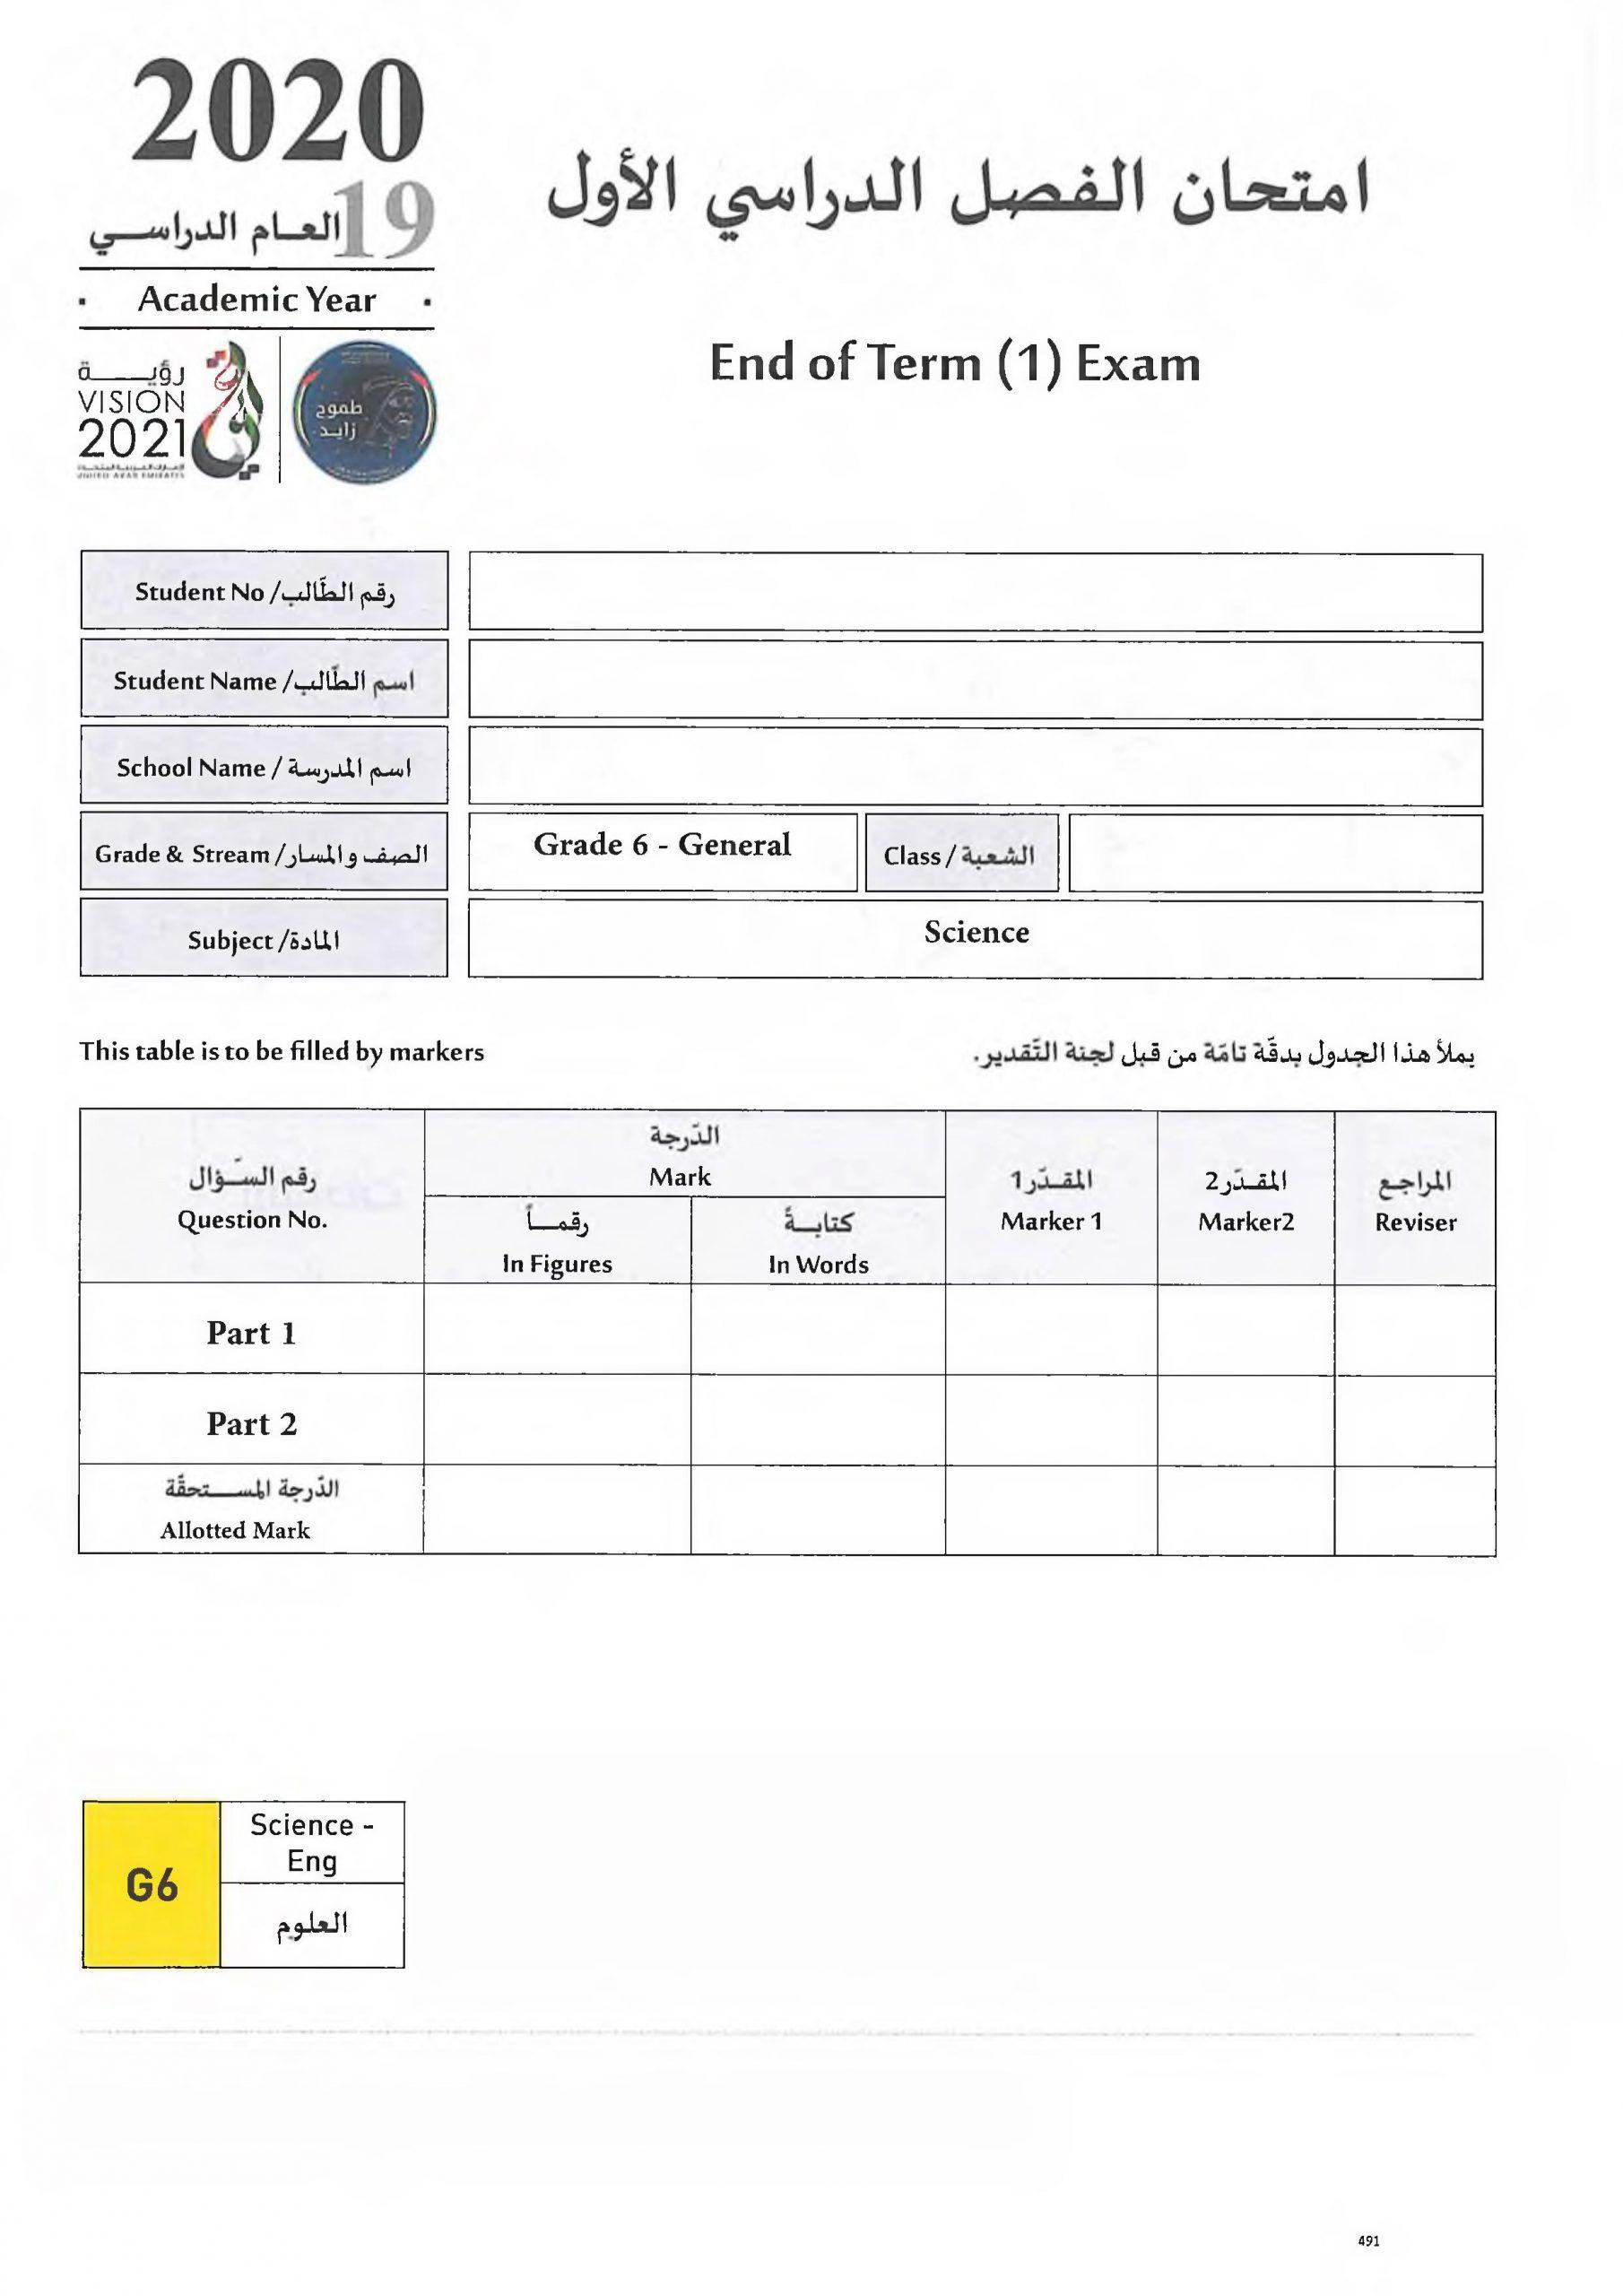 امتحان نهاية الفصل الدراسي الاول 2019 2020 بالانجليزي الصف الساد س مادة العلوم المتكاملة Student Exam Class